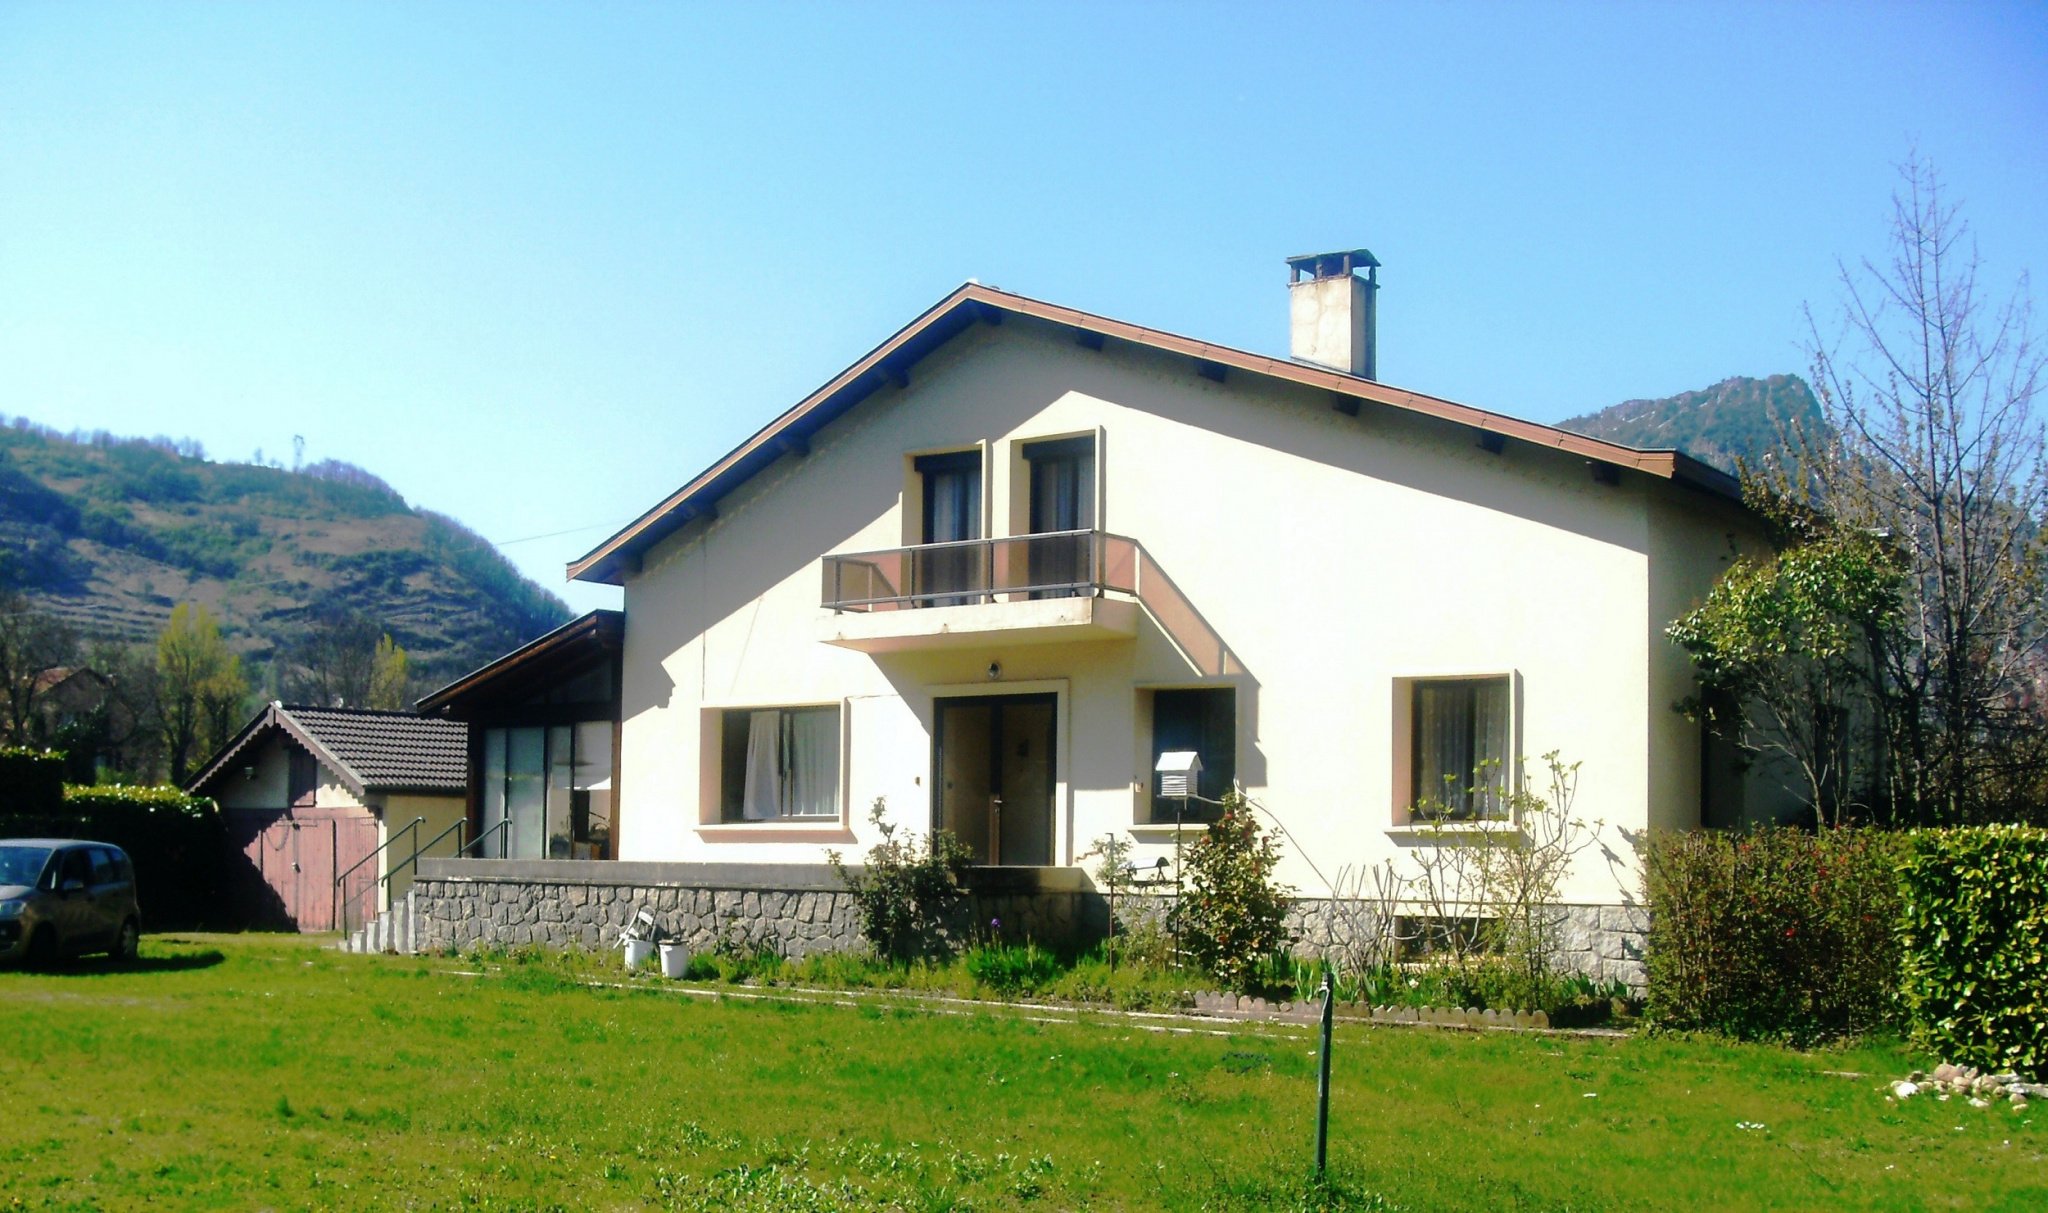 maison villa vente france m tres carr s 132 dans le domaine de tarascon sur ariege ref ip7378